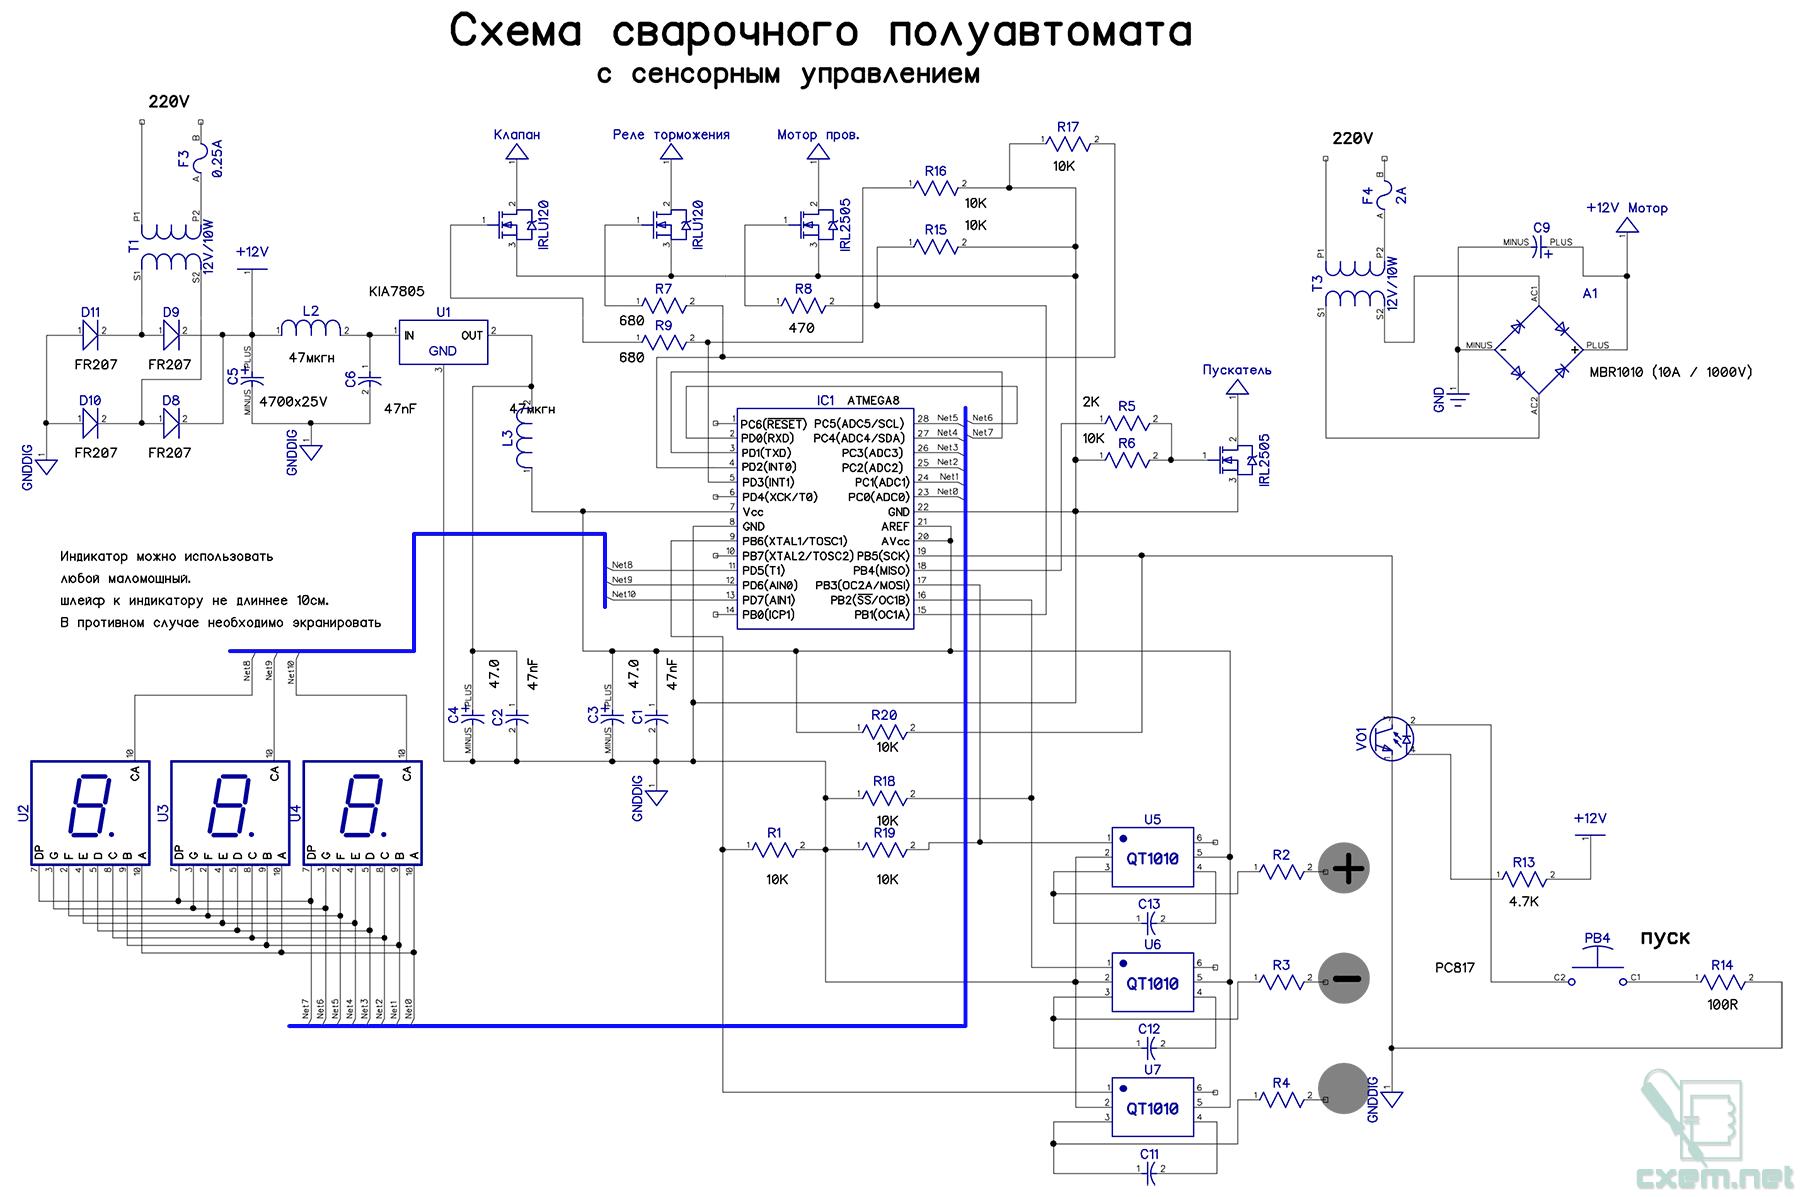 Схема электропроводки сварочного полуавтомата echo 6000cv